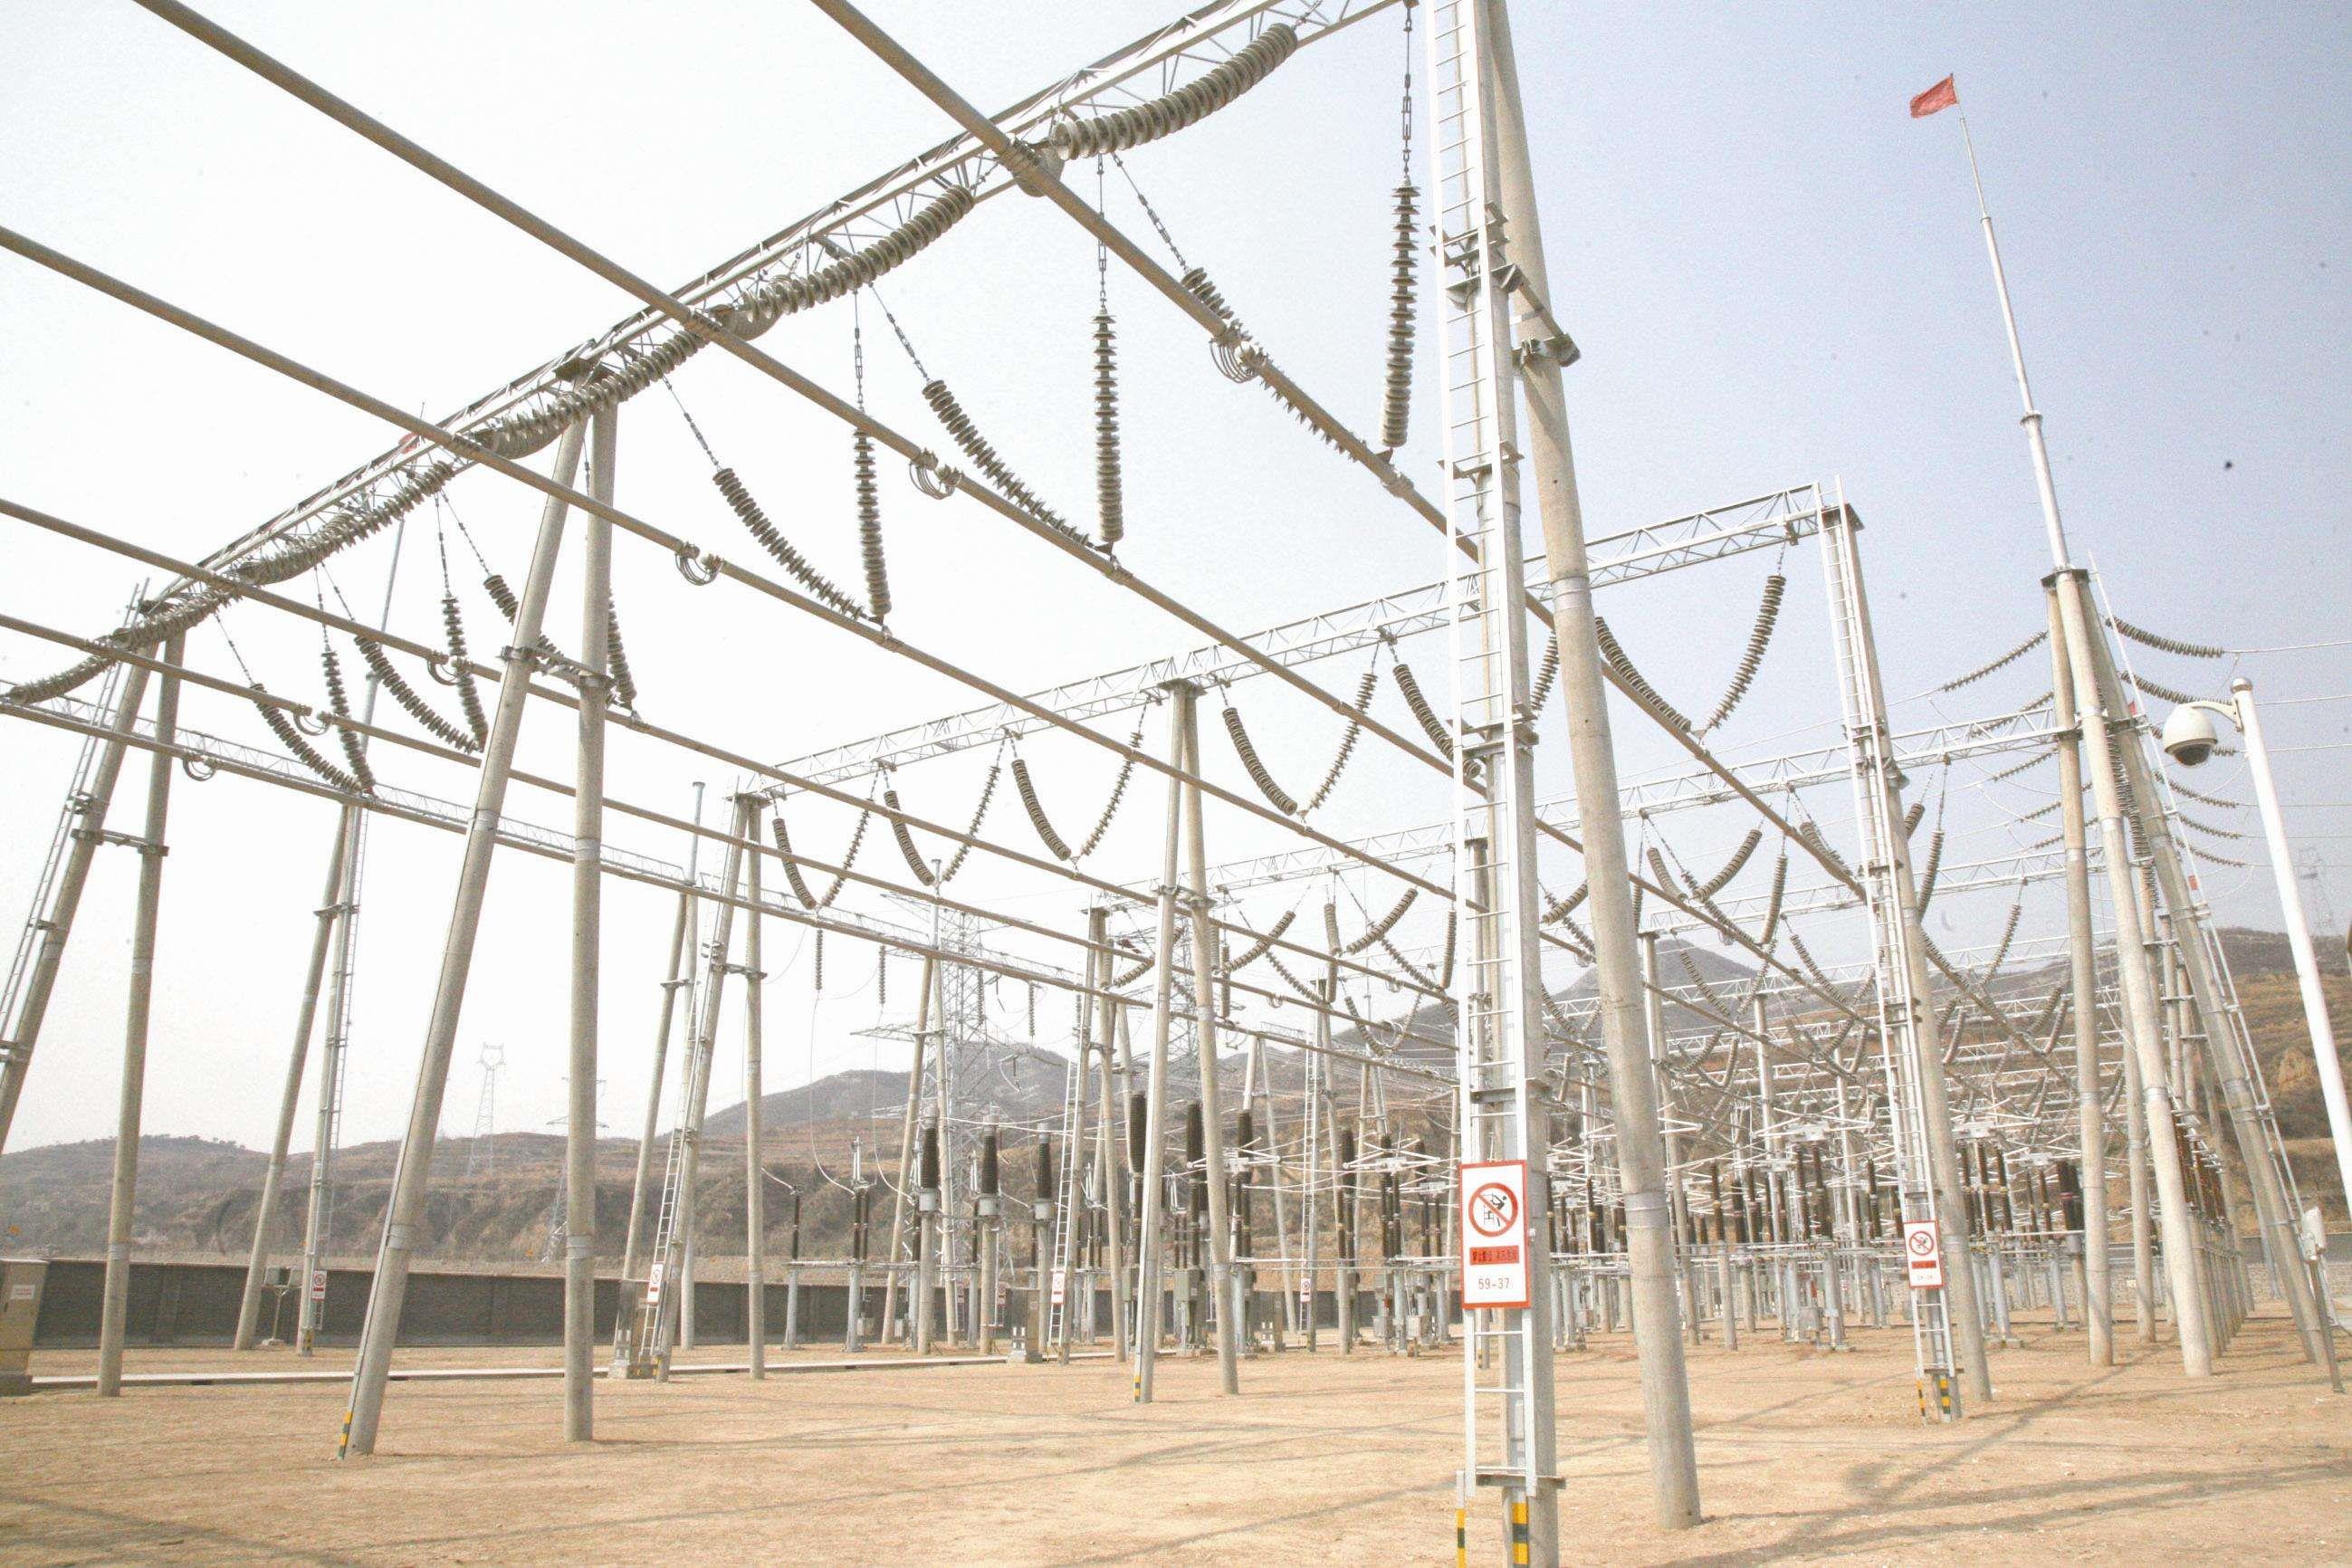 国网玉树今年拟投资6.61亿元建设改造电网